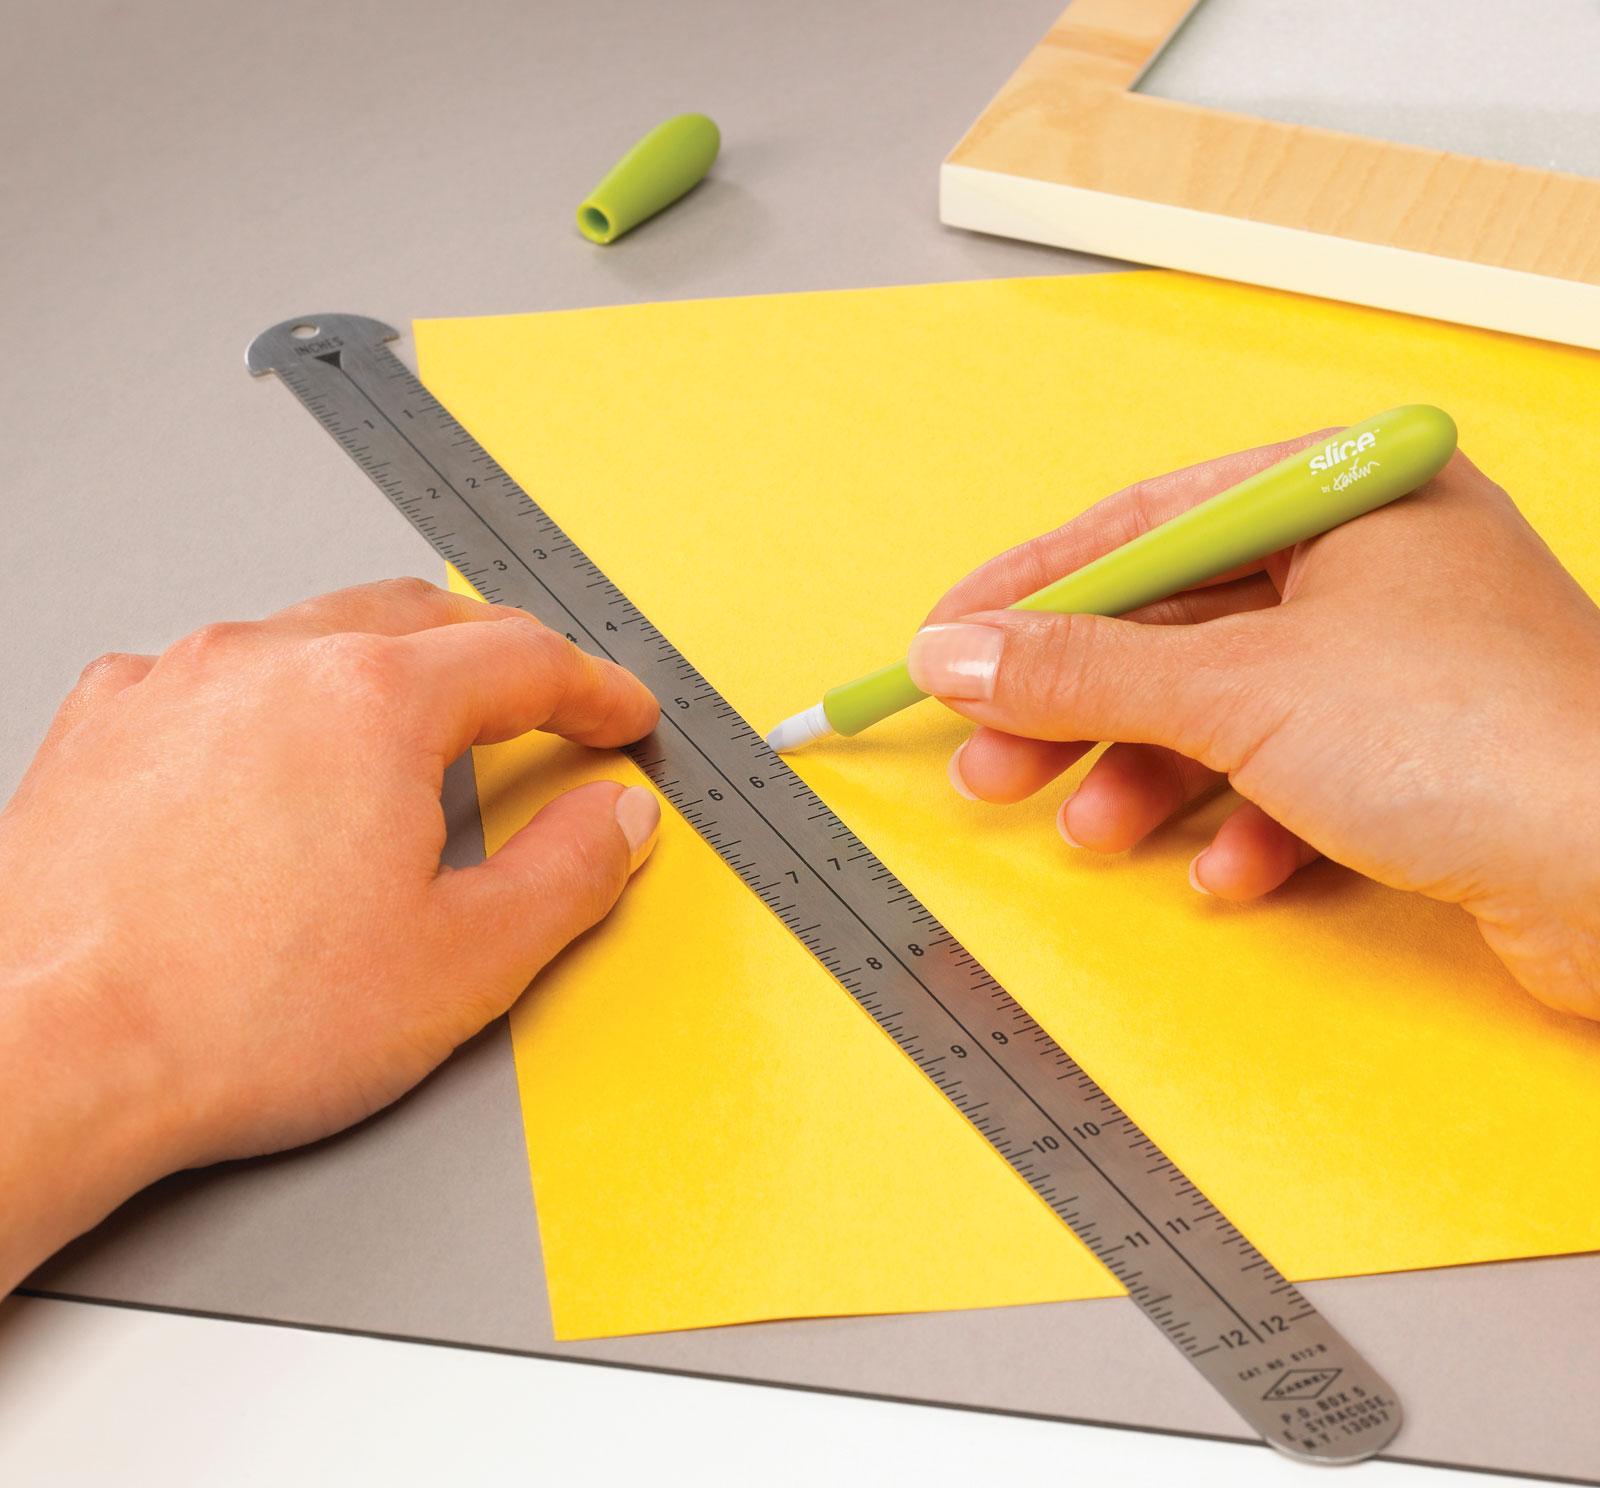 Skalpell-Keramik-Bestelmesser-Präzisionsschneider-Slice-Schneidlineal-CURT-tools